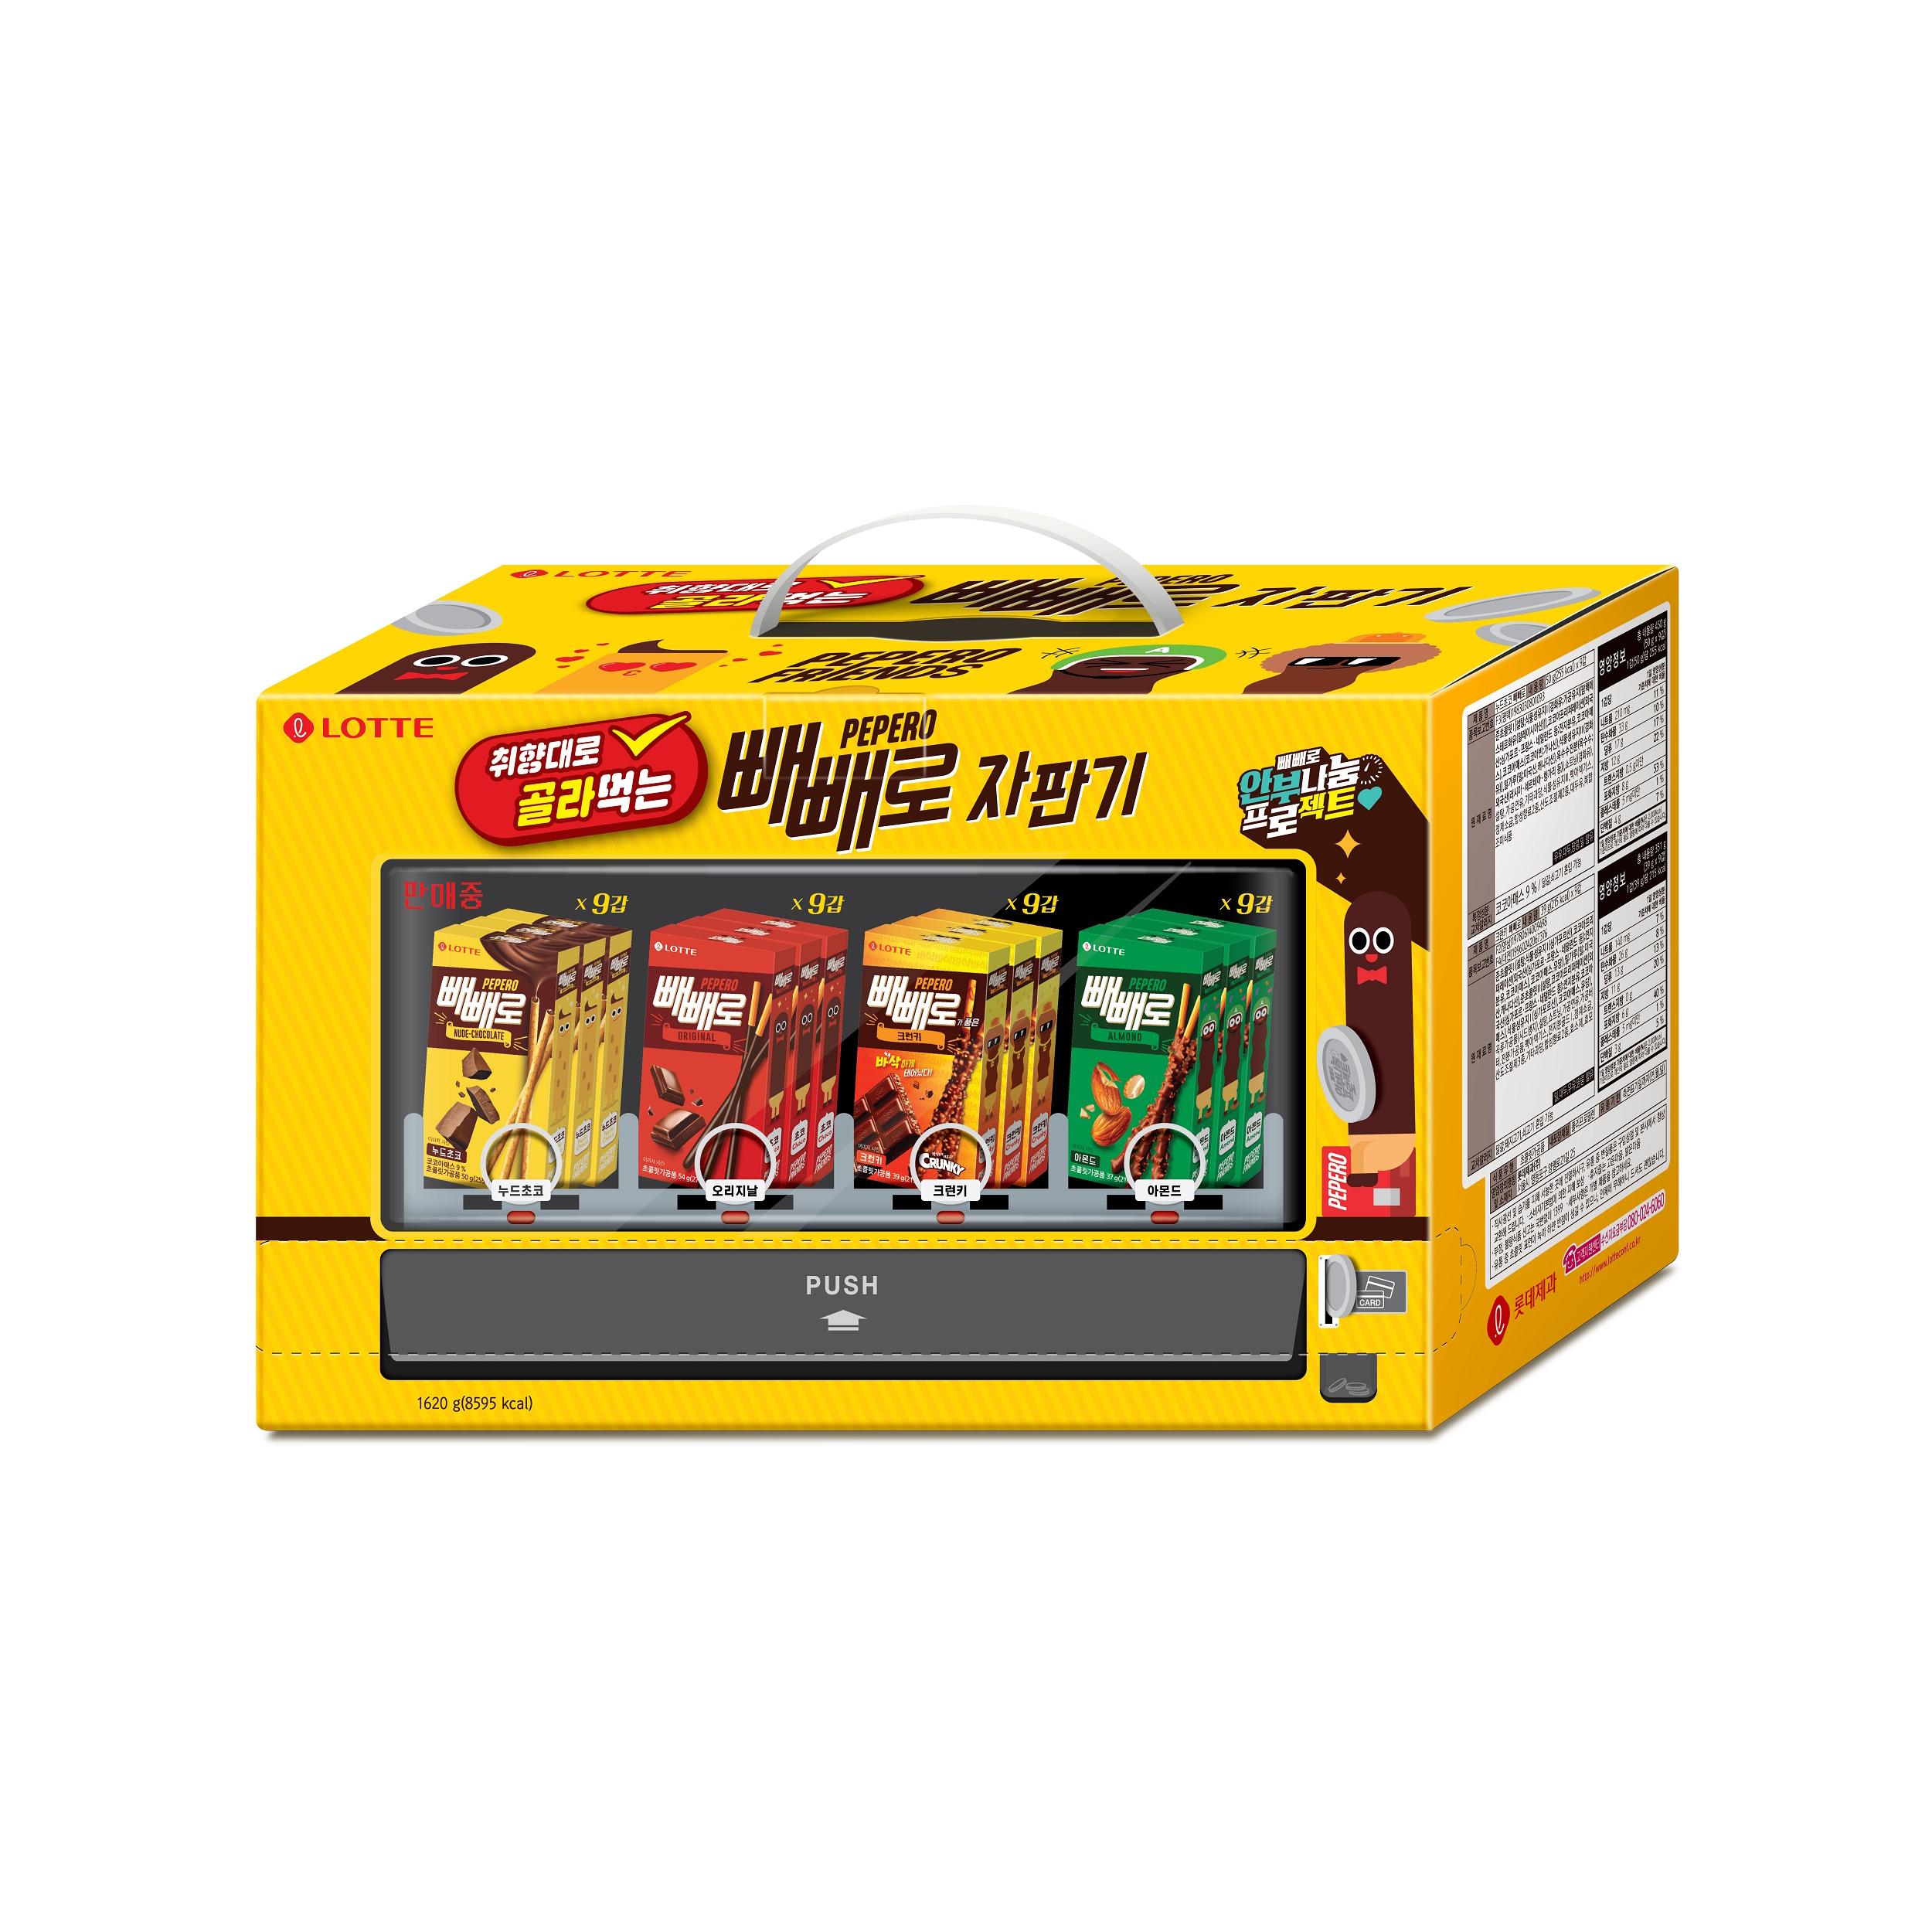 빼빼로 자판기 세트, 아몬드맛 9개입 + 오리지널 9개입 + 누드초코 9개입 + 크런키 9개입, 1세트